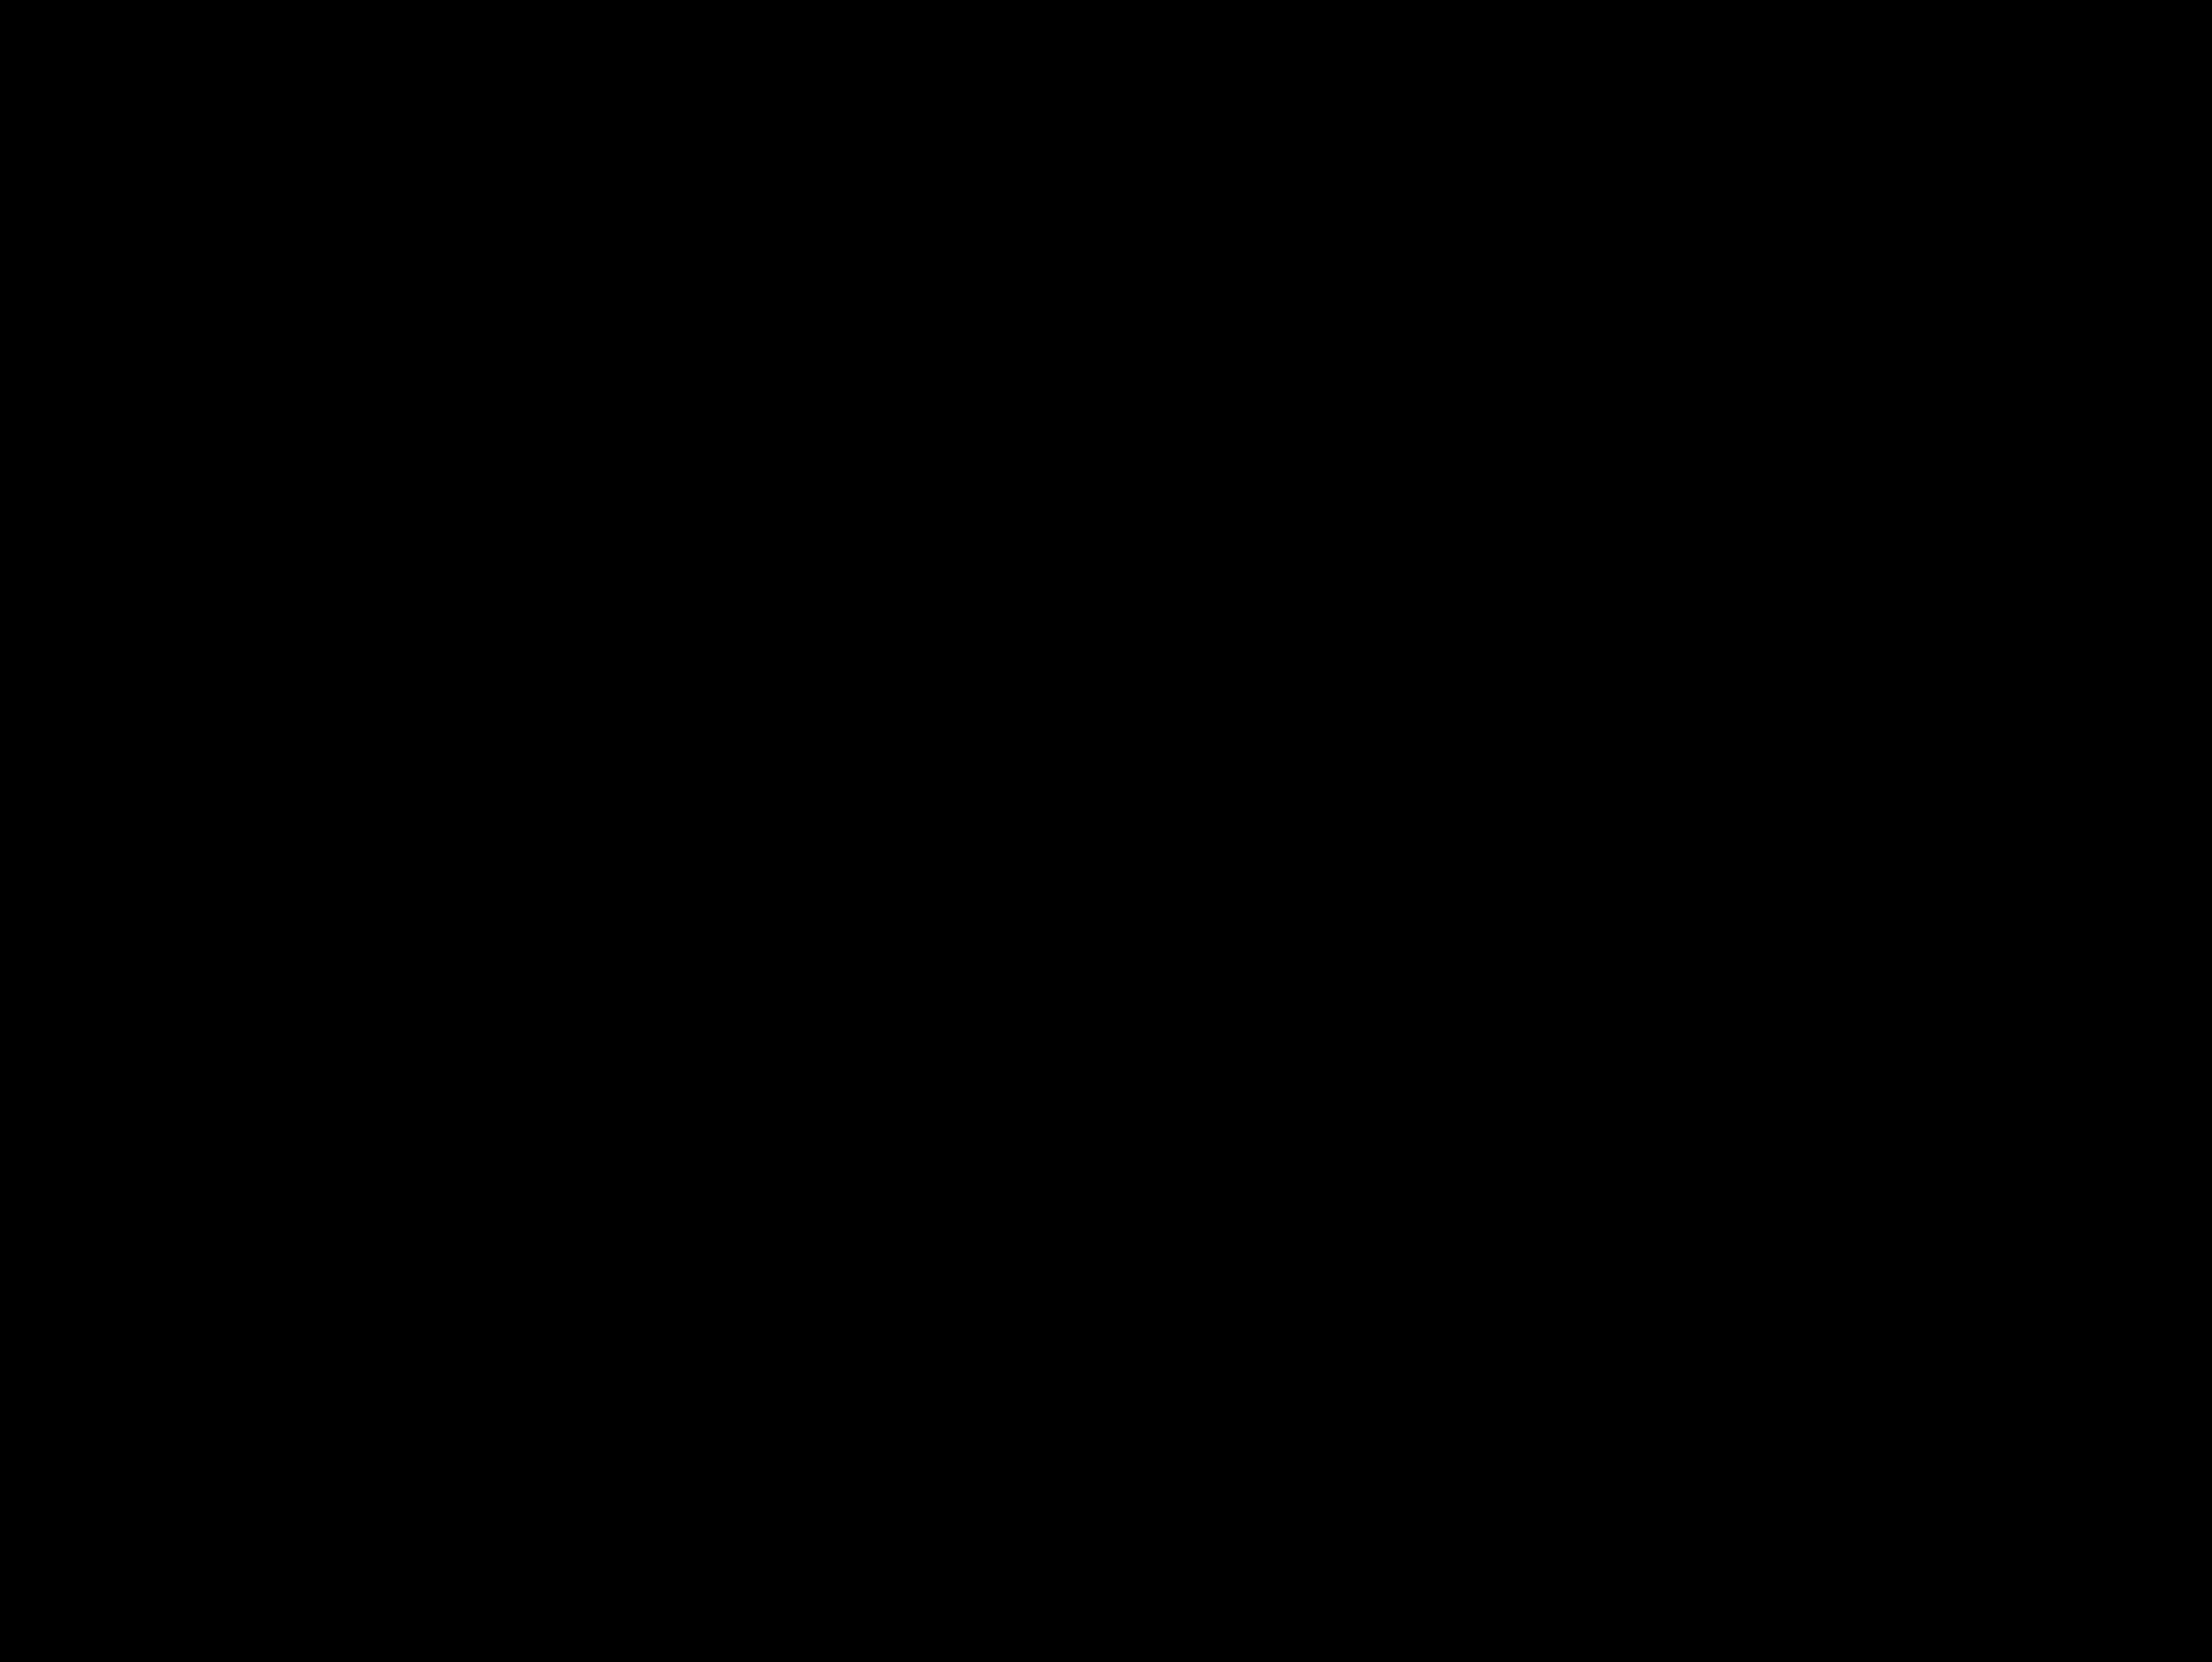 massazh-vagini-smotret-onlayn